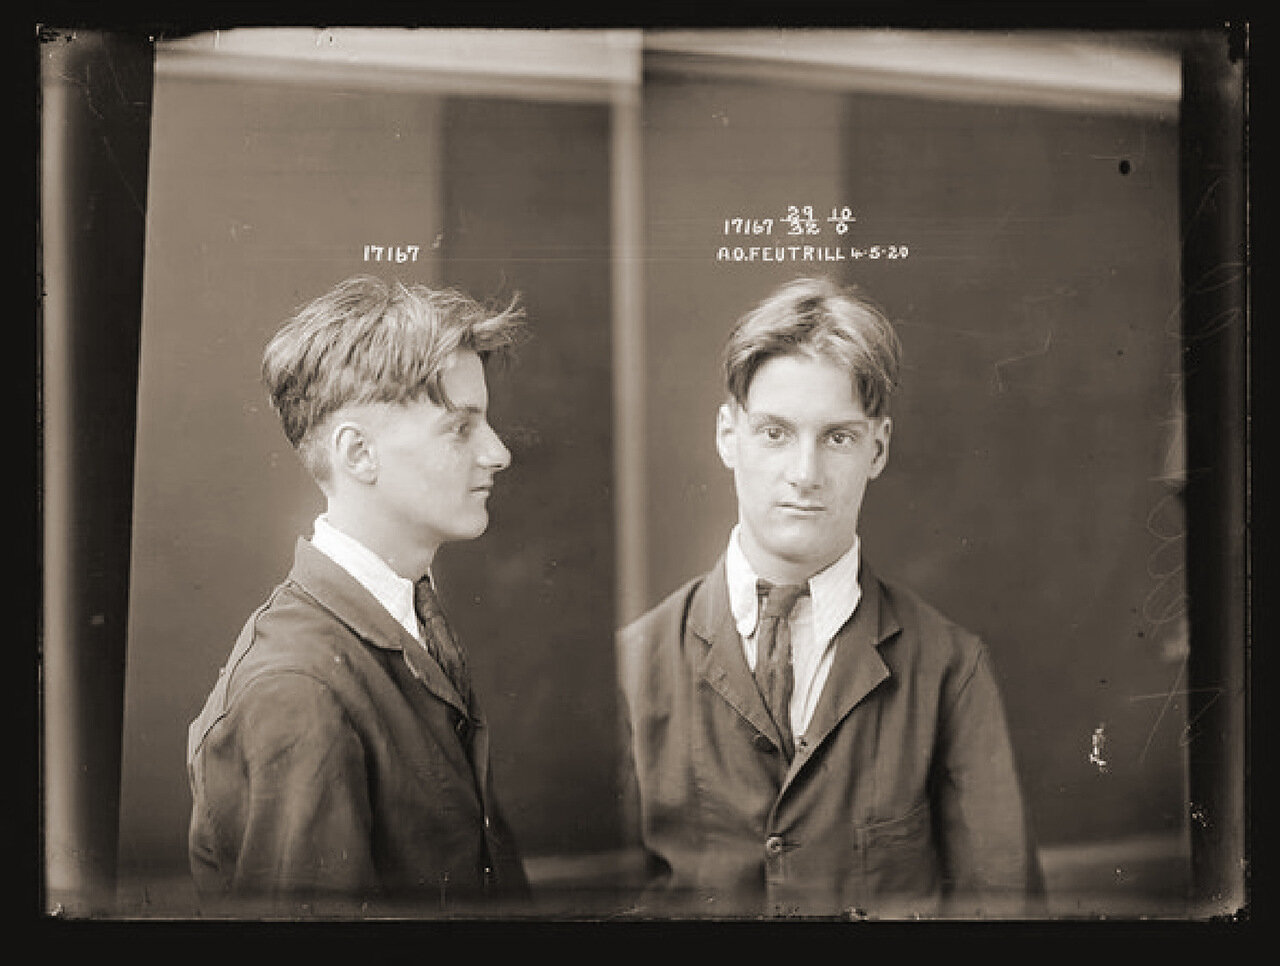 14.Фейтрилл — малолетний вор, взломщик. На момент ареста было 16 лет. После того как отмотал срок попался на краже еще раз в 1928 году.